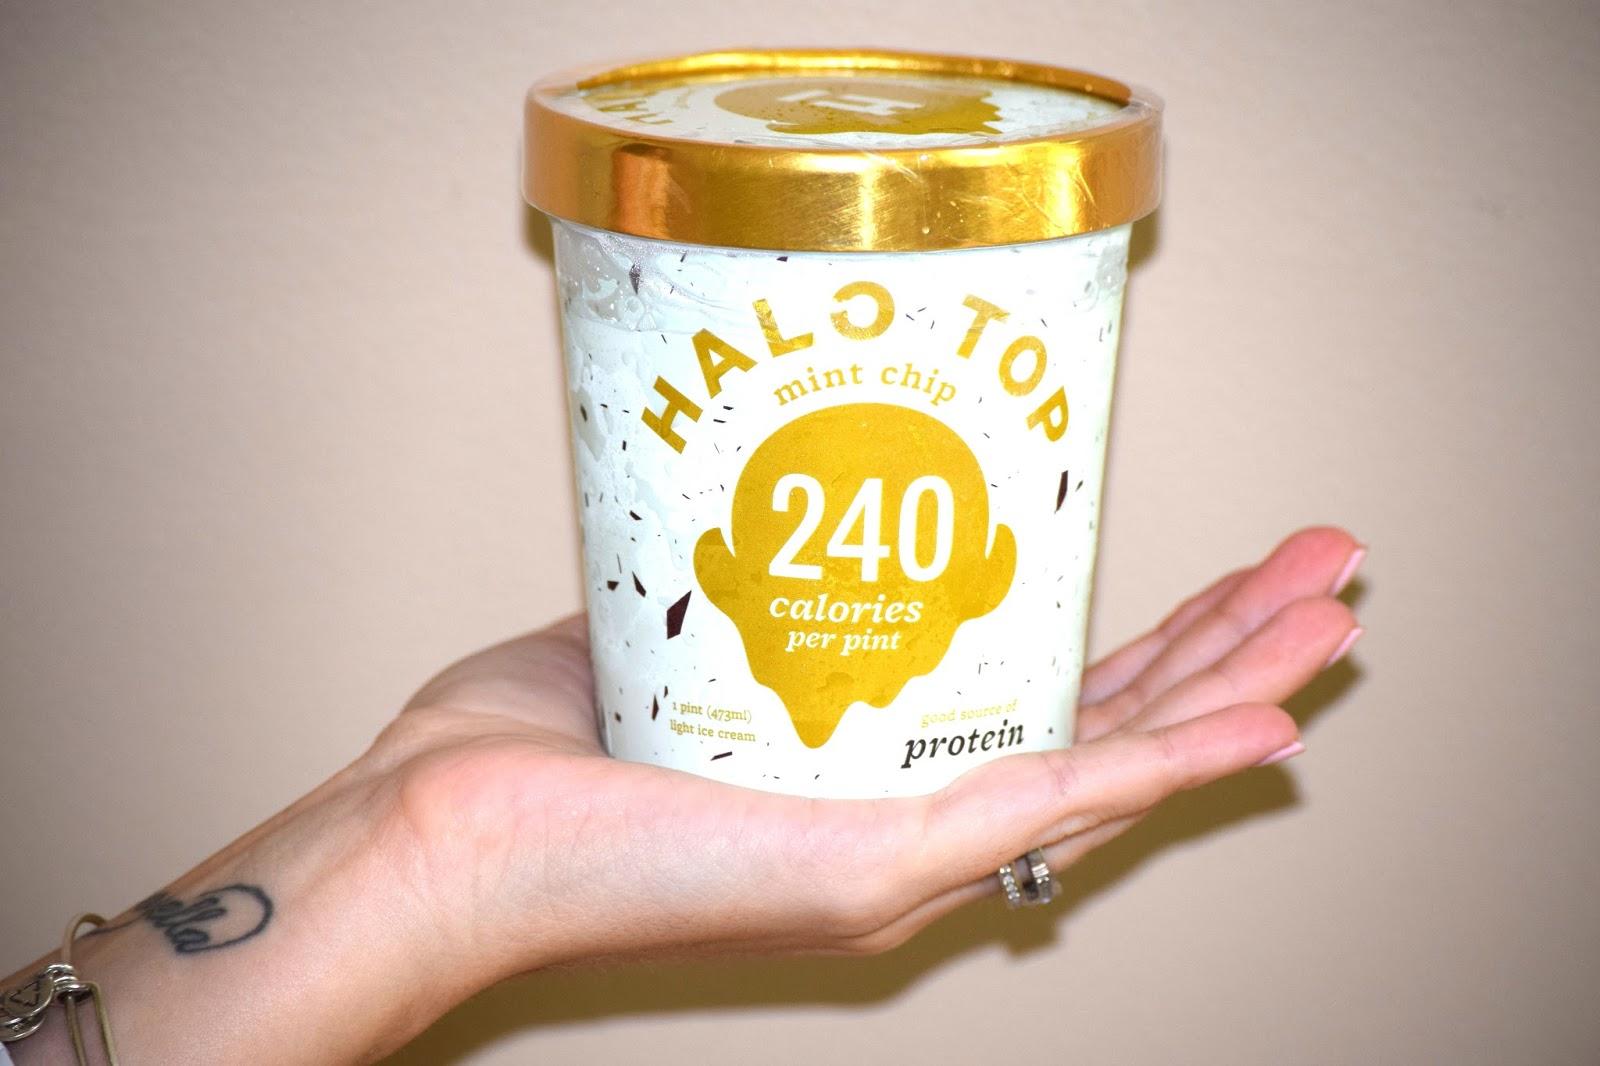 Halo Top Ice Cream Birthday Cake Ingredients